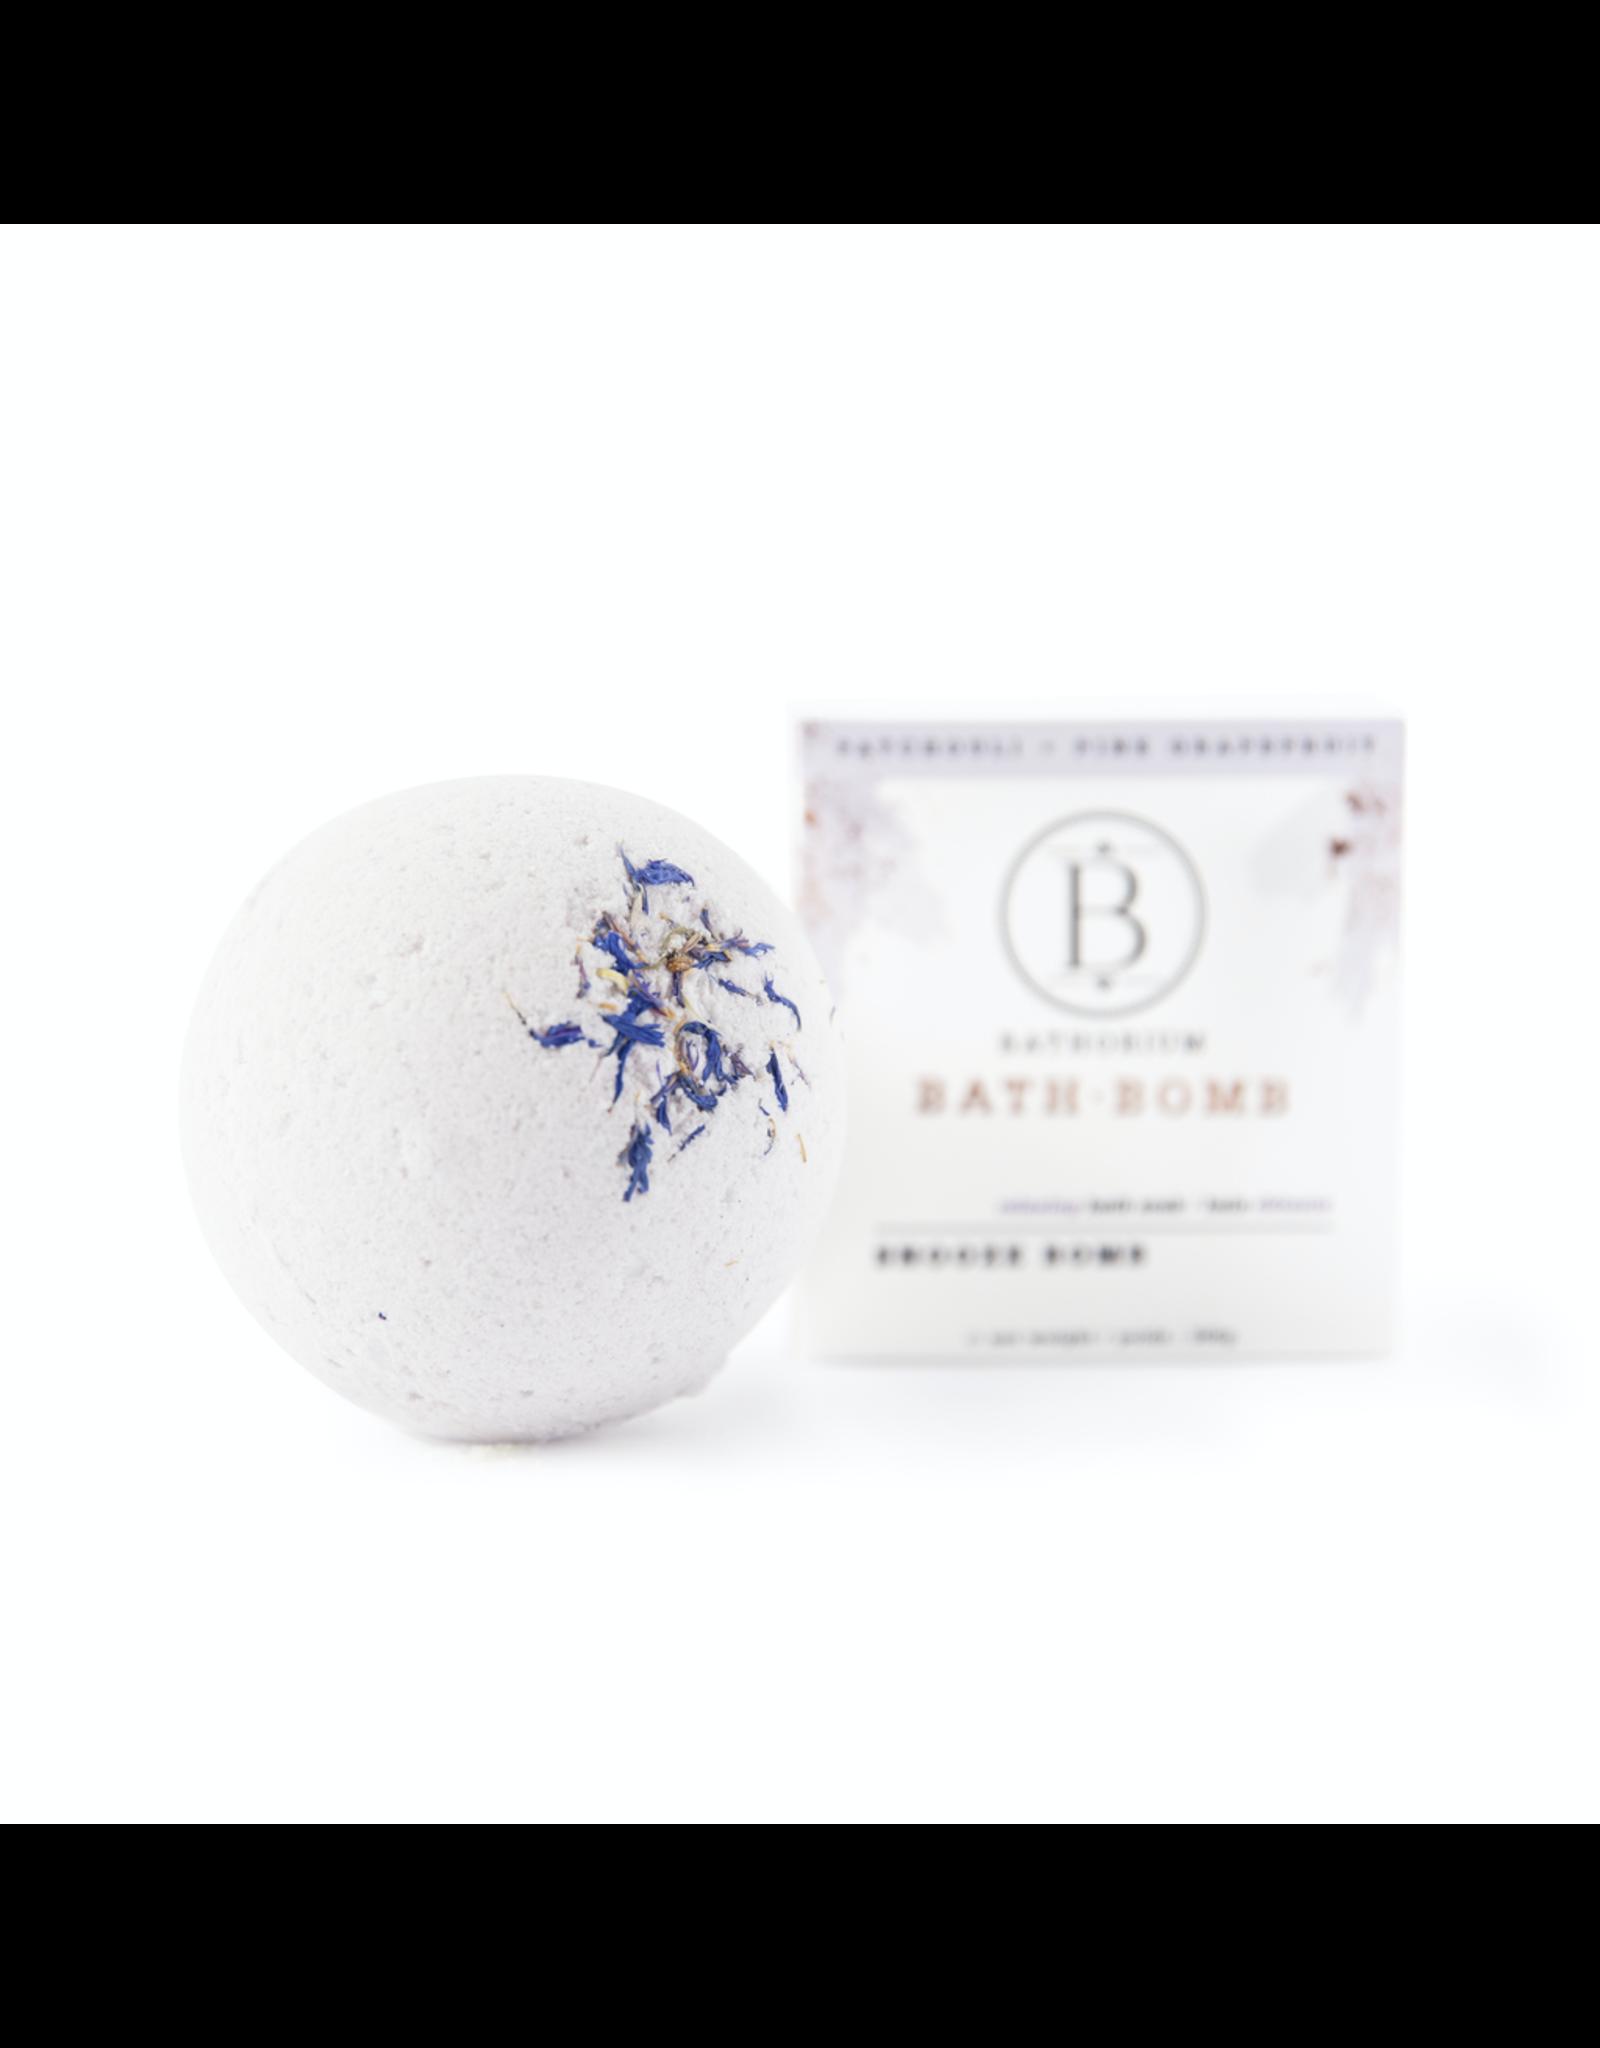 BATHORIUM Snooze Bomb - Bath Bomb